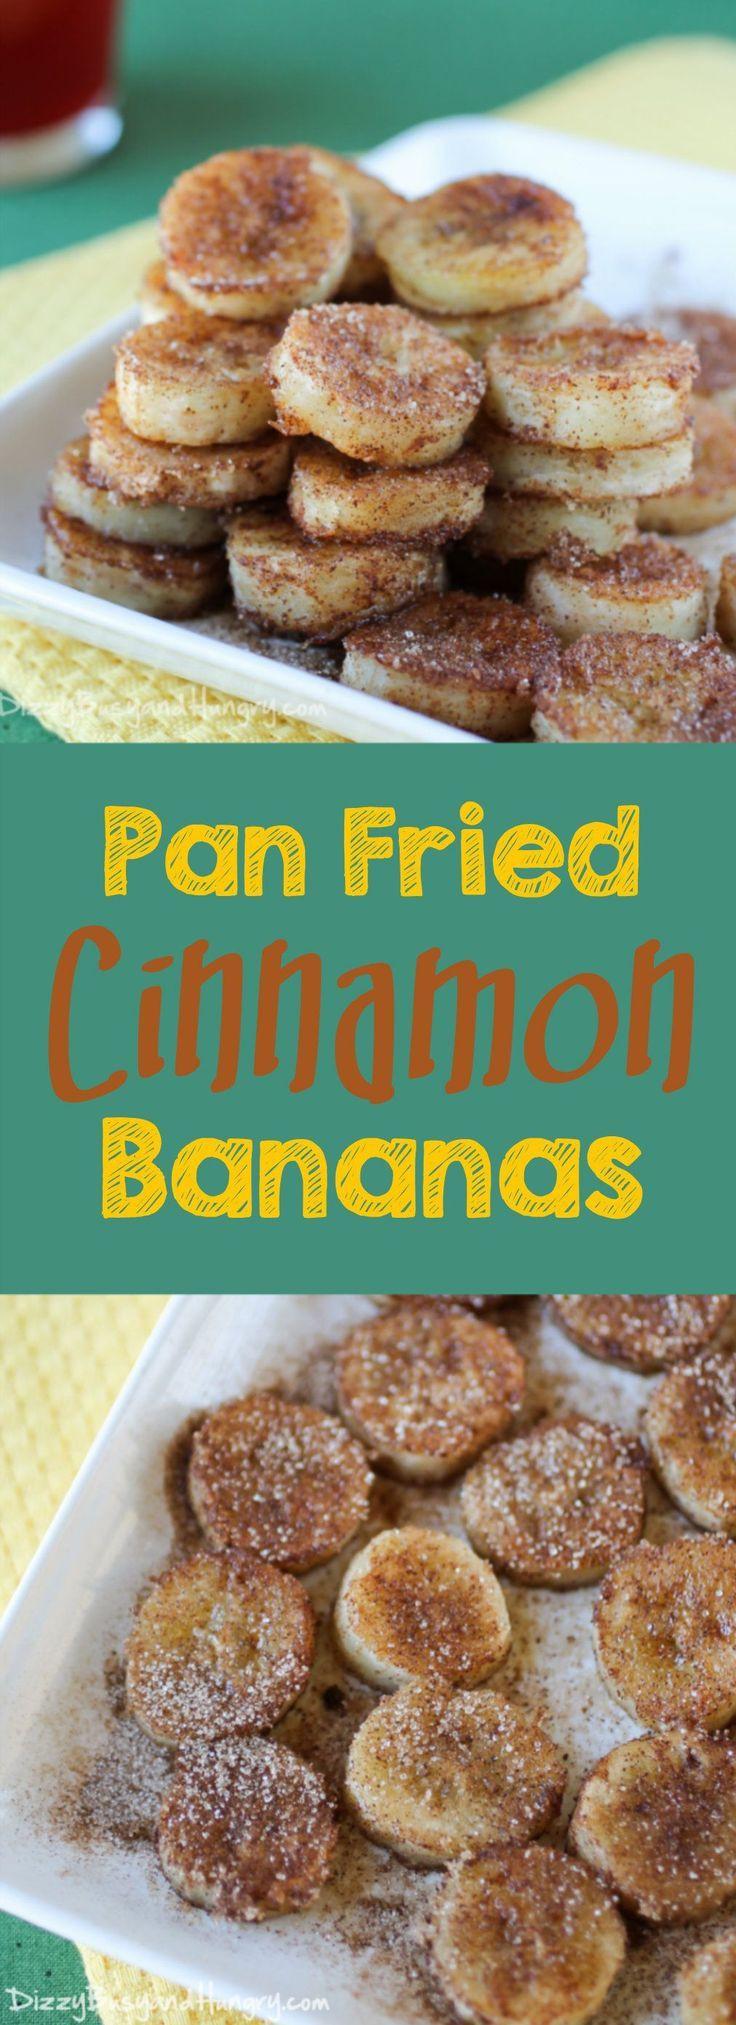 Ripe Banana Recipes Healthy  100 Recipes For Overripe Bananas on Pinterest